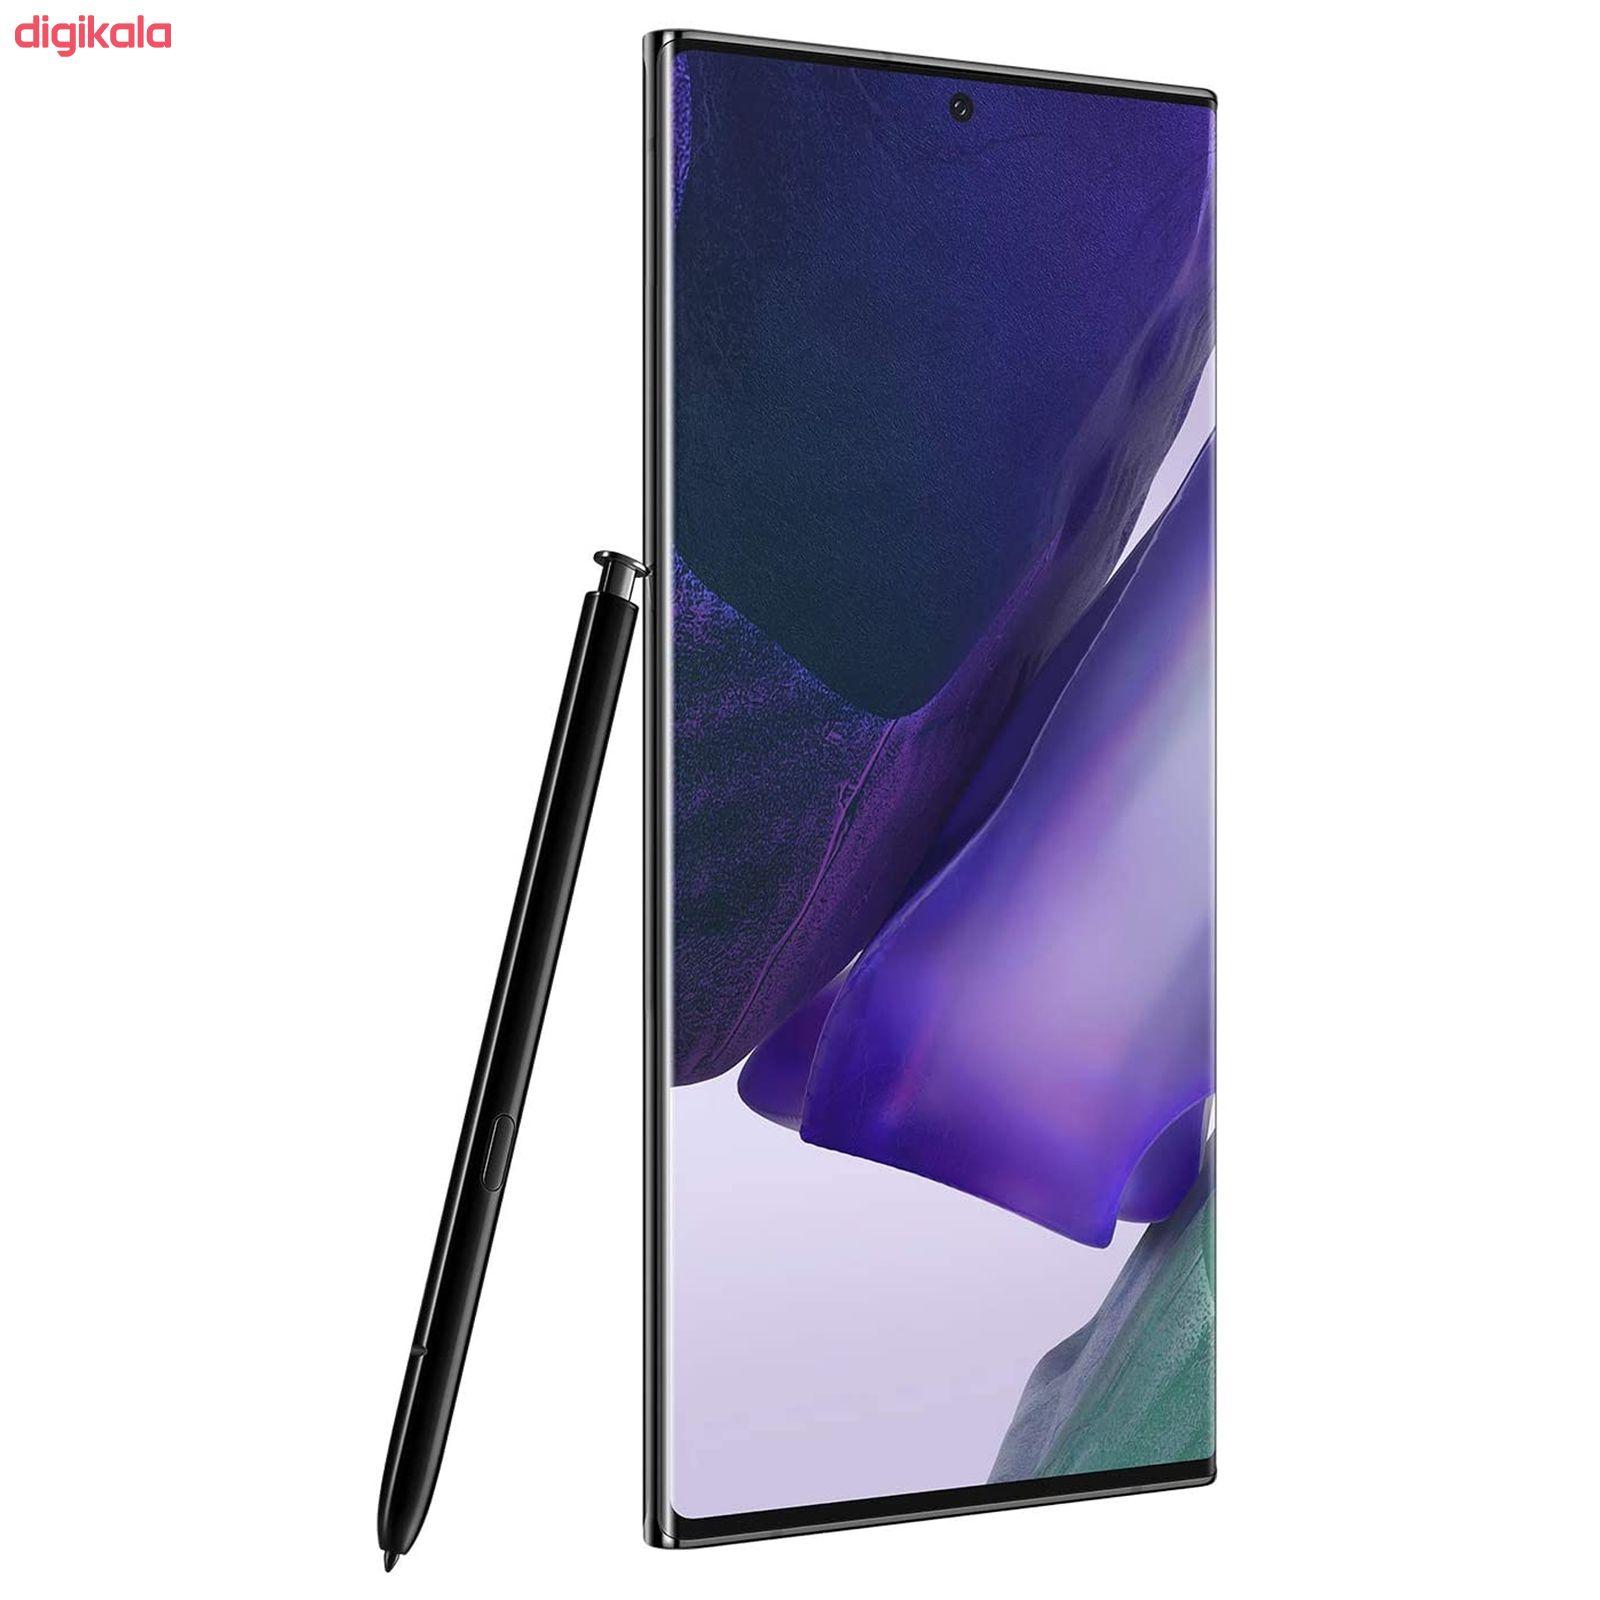 گوشی موبایل سامسونگ مدل Galaxy Note20 Ultra SM-N985F/DS دو سیم کارت ظرفیت 256 گیگابایت  main 1 3